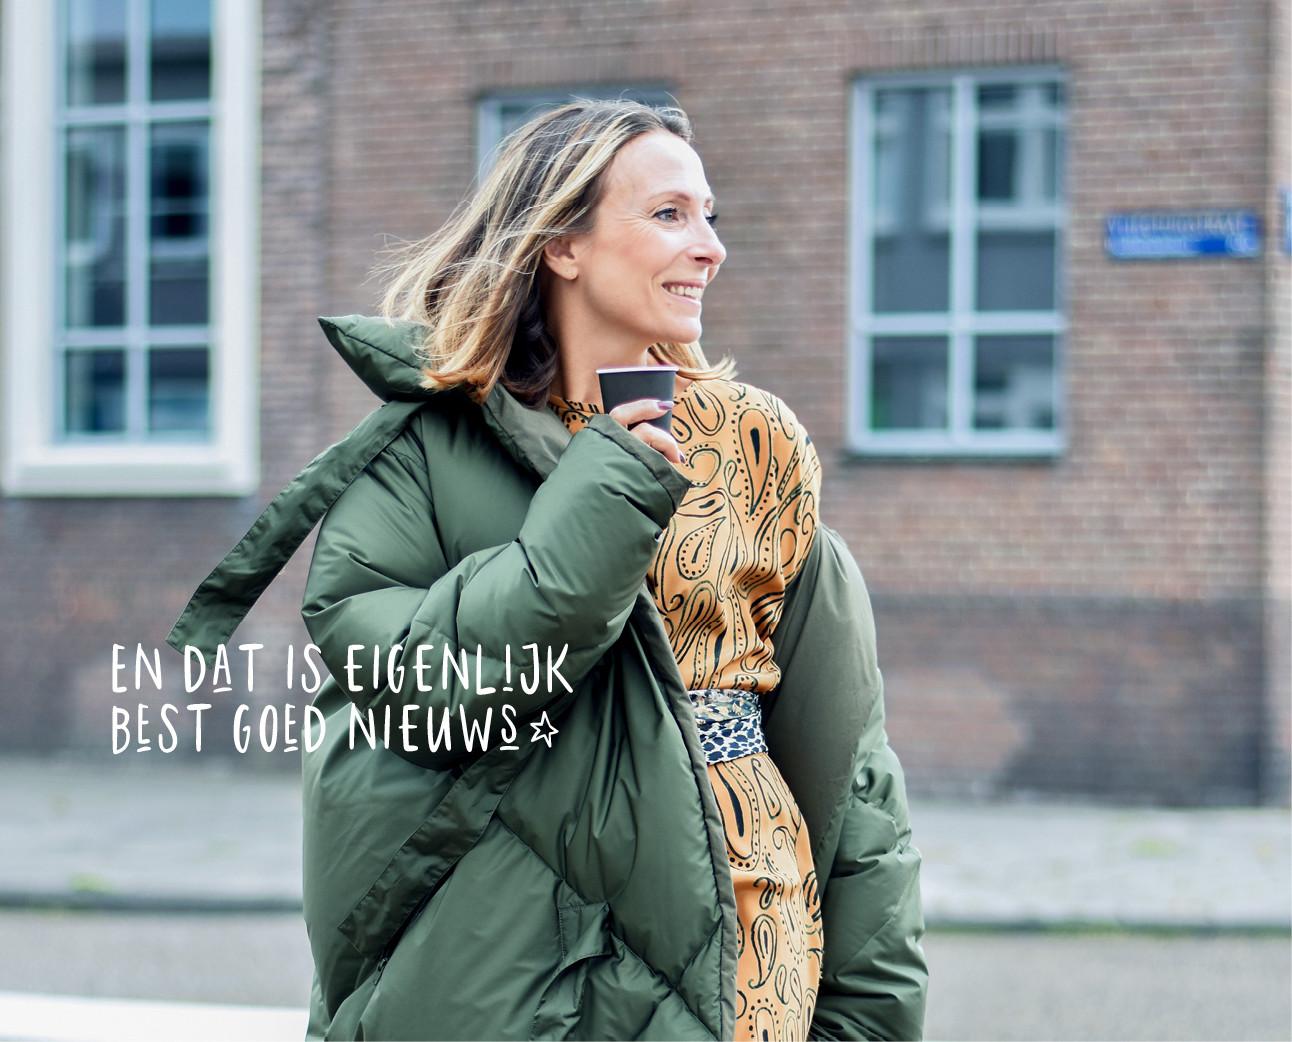 may-britt in de look of the day grote groene puffer jacket aan met een oker gelel jurk koffiie in haar handen